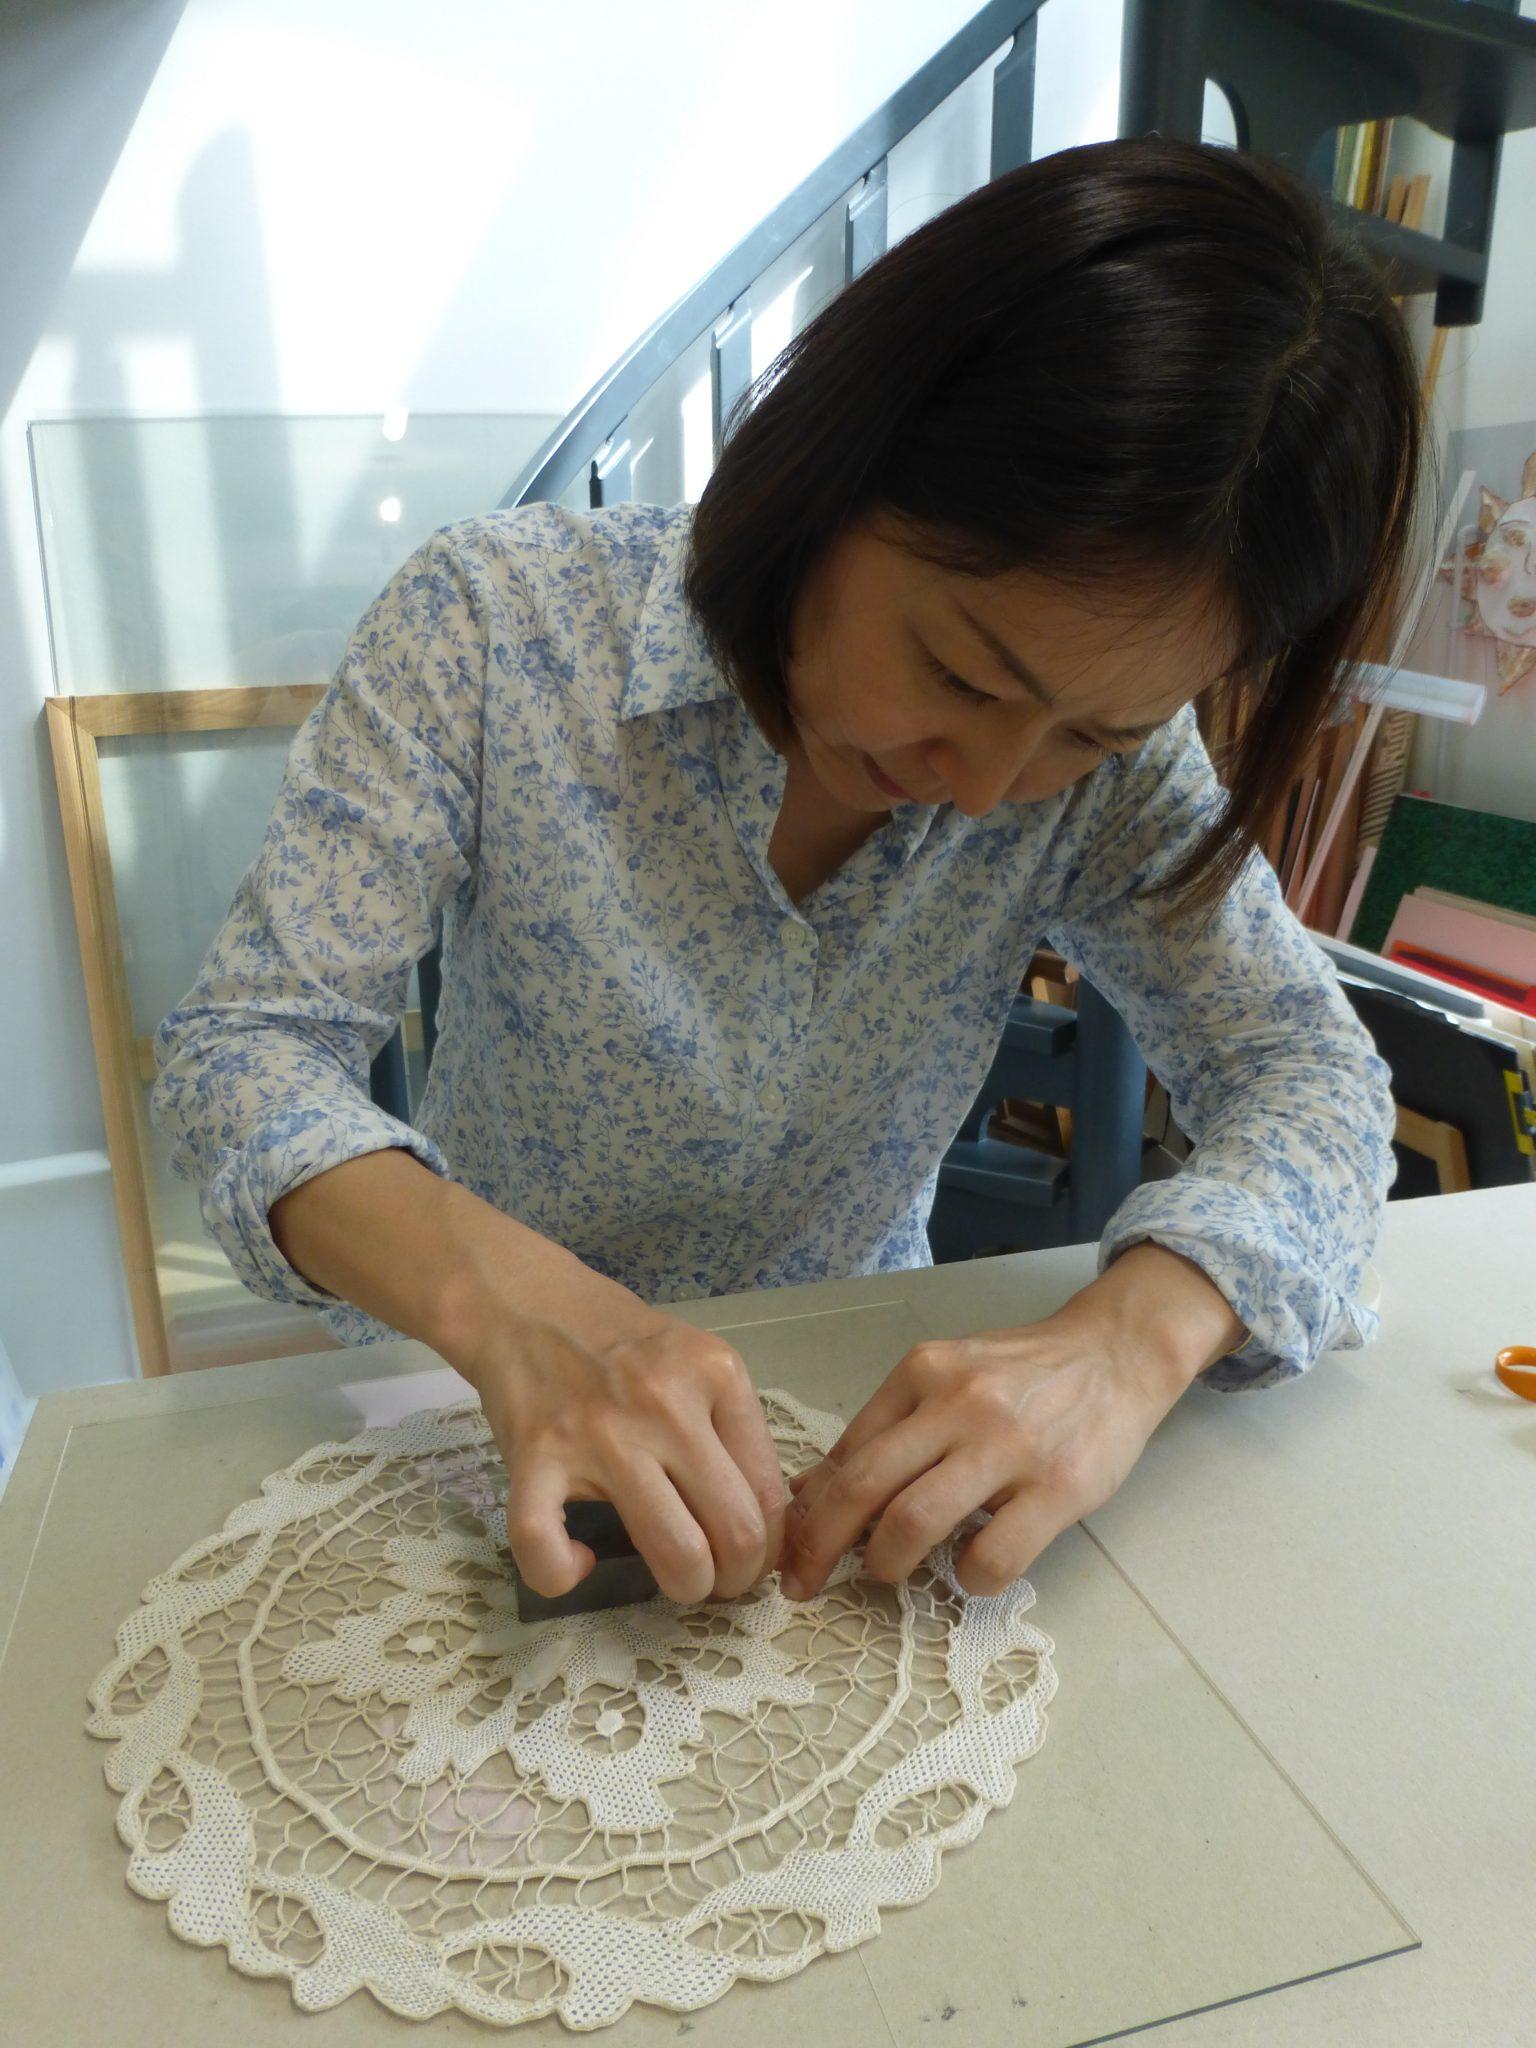 Laurence Paganet de l'Atelier Cadres et Marges anime des cours d'encadrement d'art à Montreuil 93, de tous niveaux